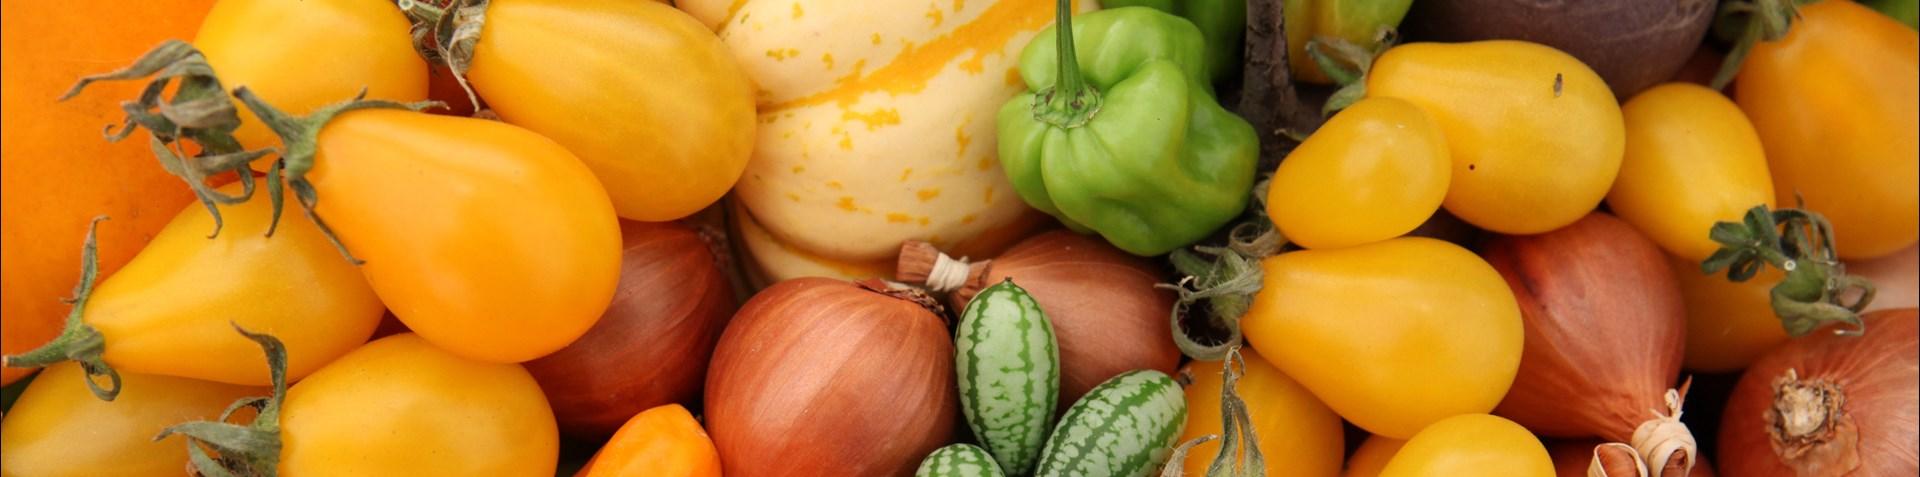 threecounties-rhs-malvern-autumn-rainbow-veg.jpg